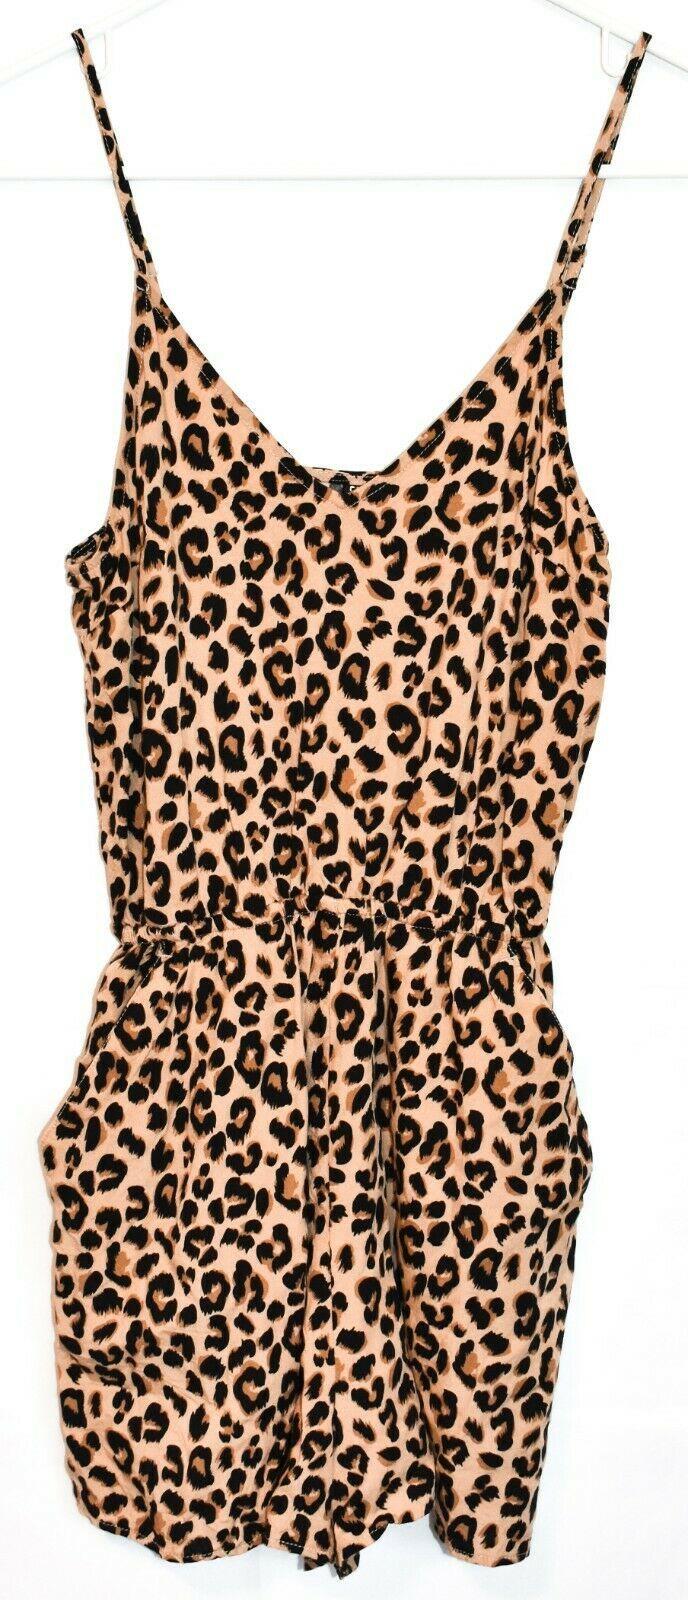 H&M Divided Women's Leopard Animal Print Playsuit Jumpsuit Romper Size 0